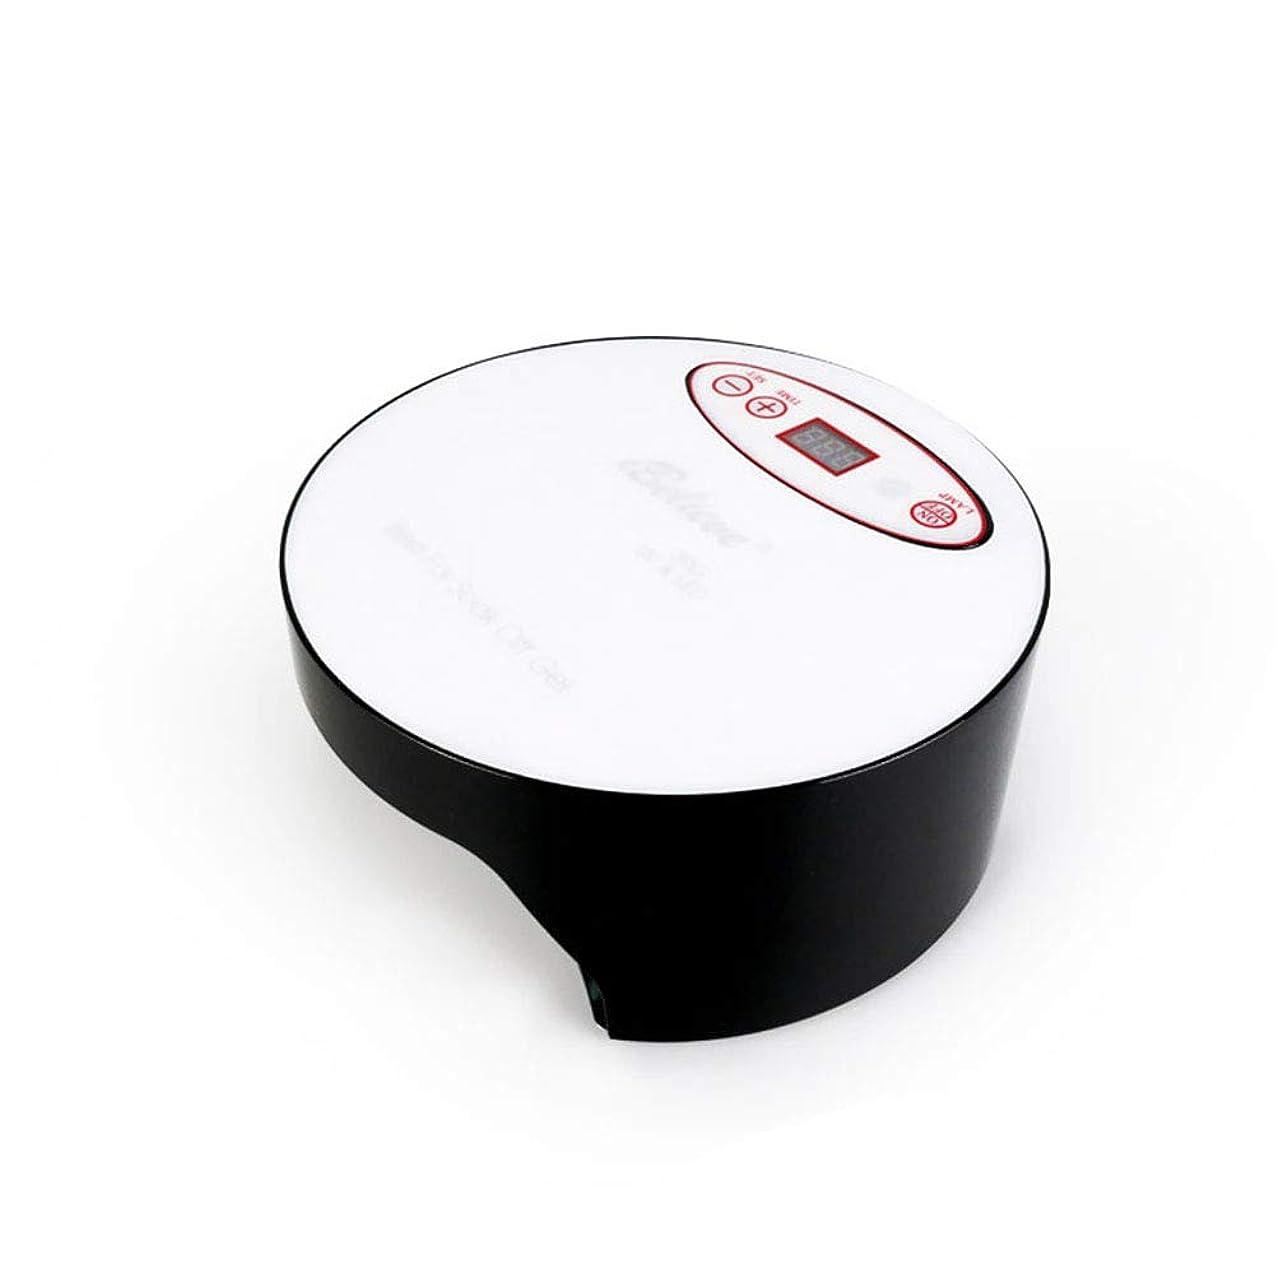 資格情報大人初心者ネイルドライヤー、タイマー付きネイル用ポータブルLED/UVランプ、赤外線センサー、取り外し可能な磁性プレート、すべてのジェルに適して,Black